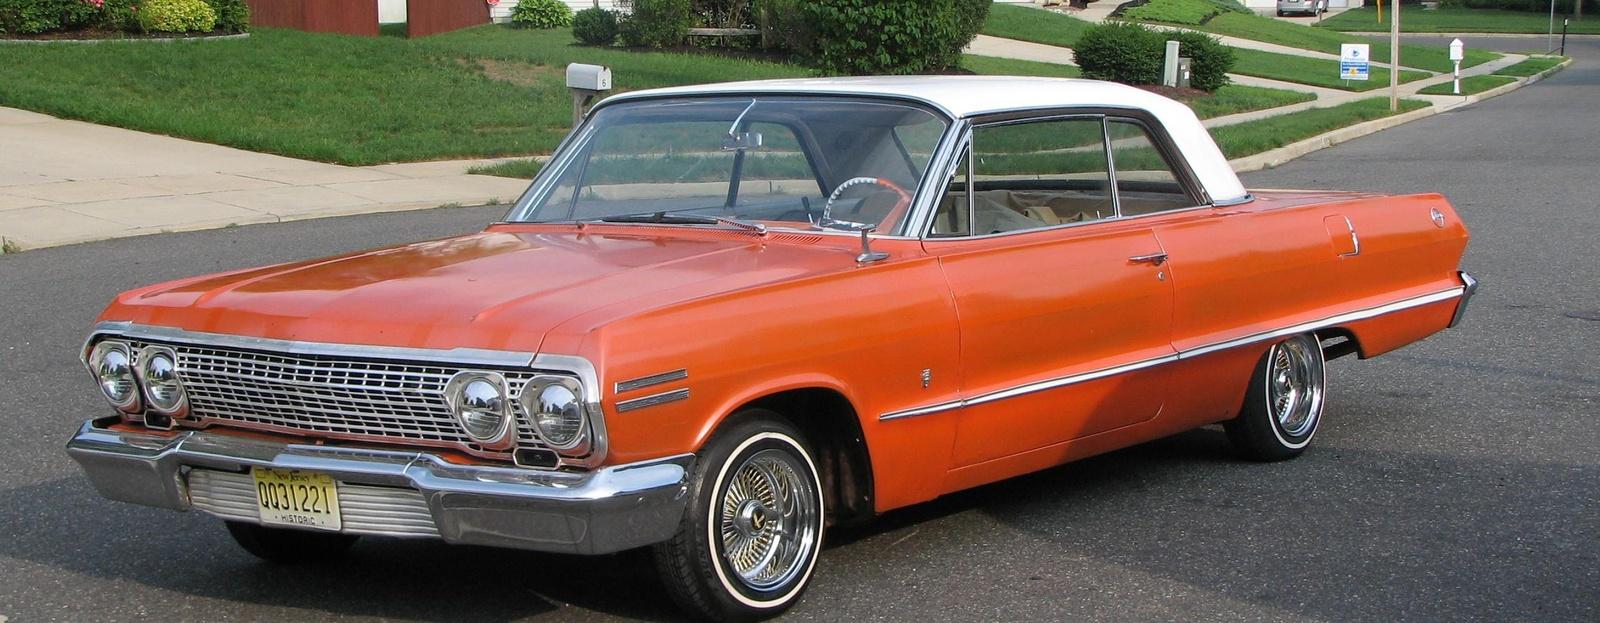 Chevrolet Impala  eBay